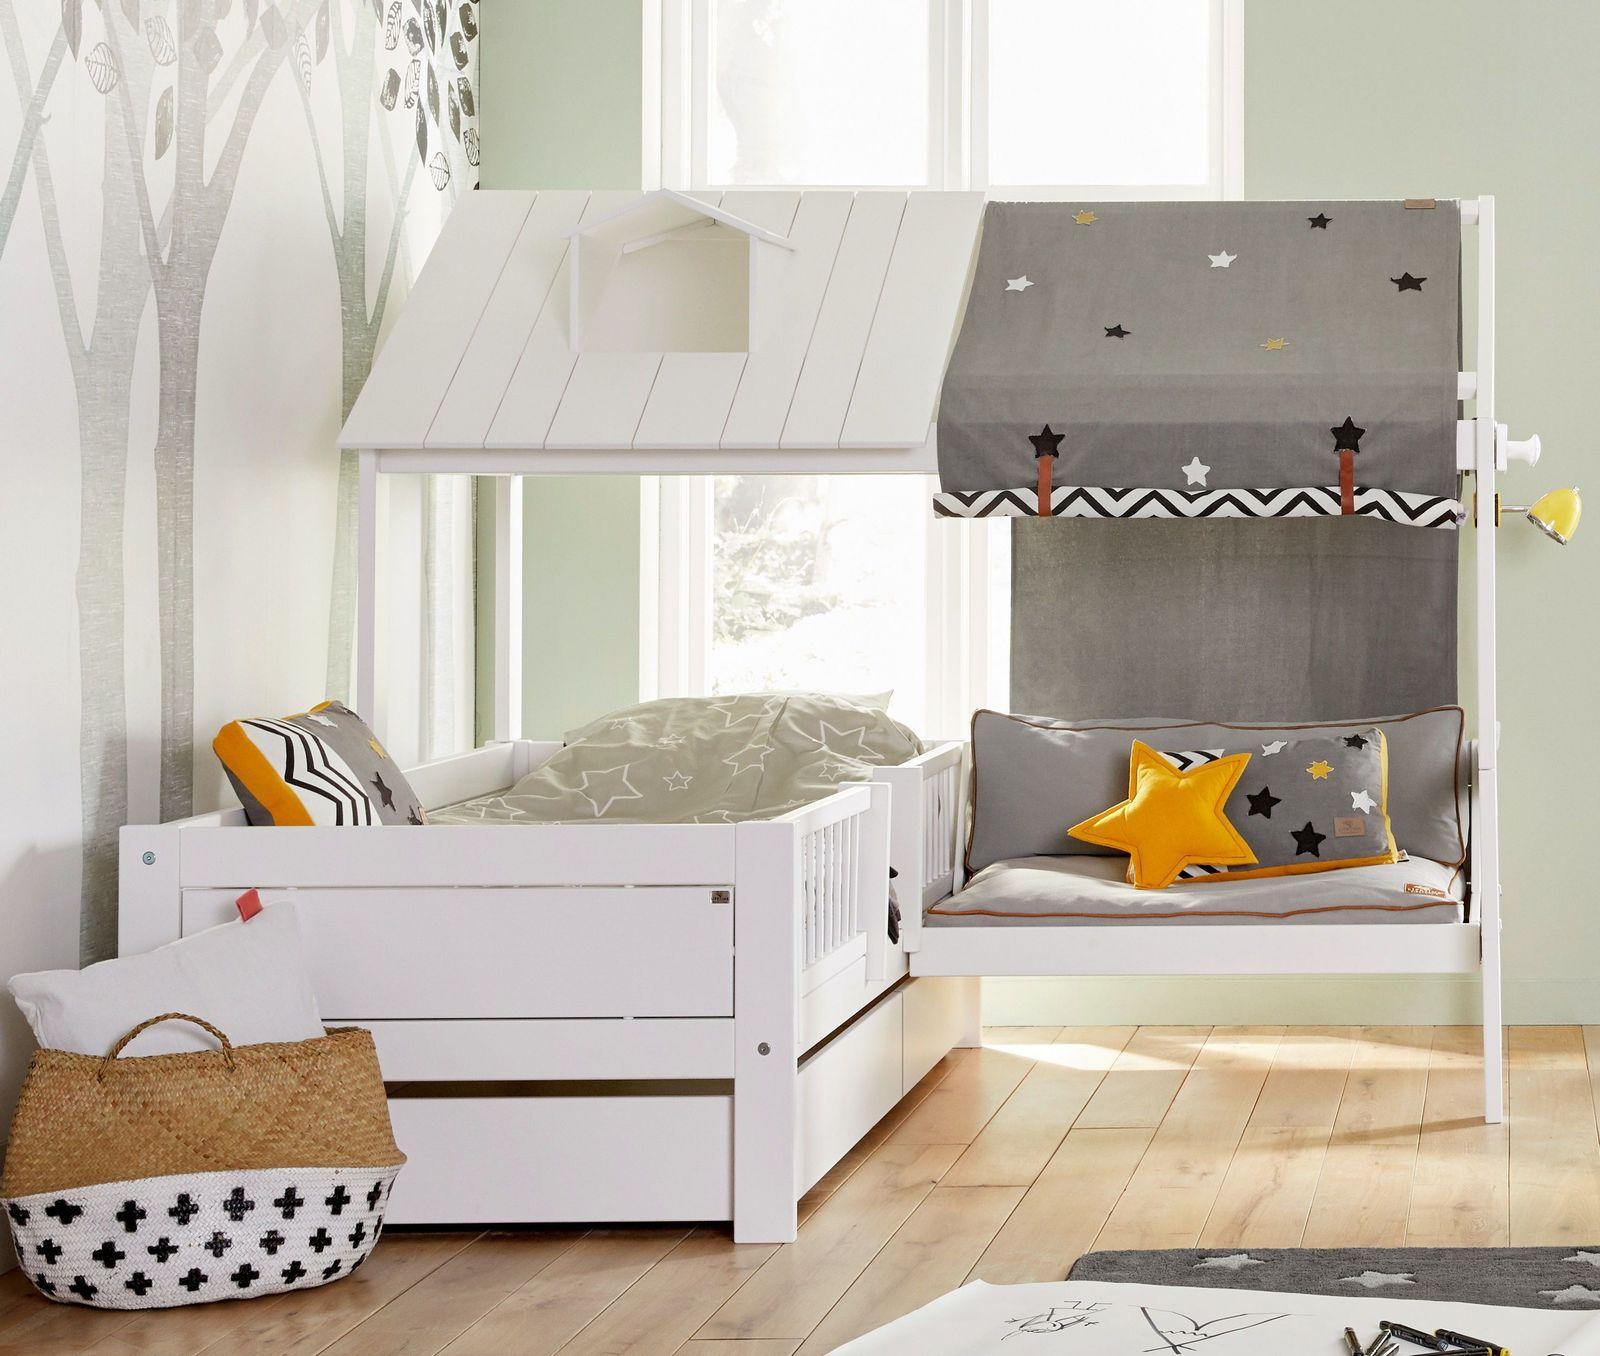 Full Size of Kinder Bett Lifetime Kinderbett Mit Angebautem Sofa Und Dach Ferienhaus Bettwäsche Sprüche Selber Zusammenstellen Amerikanische Betten Topper Bettkasten Bett Kinder Bett